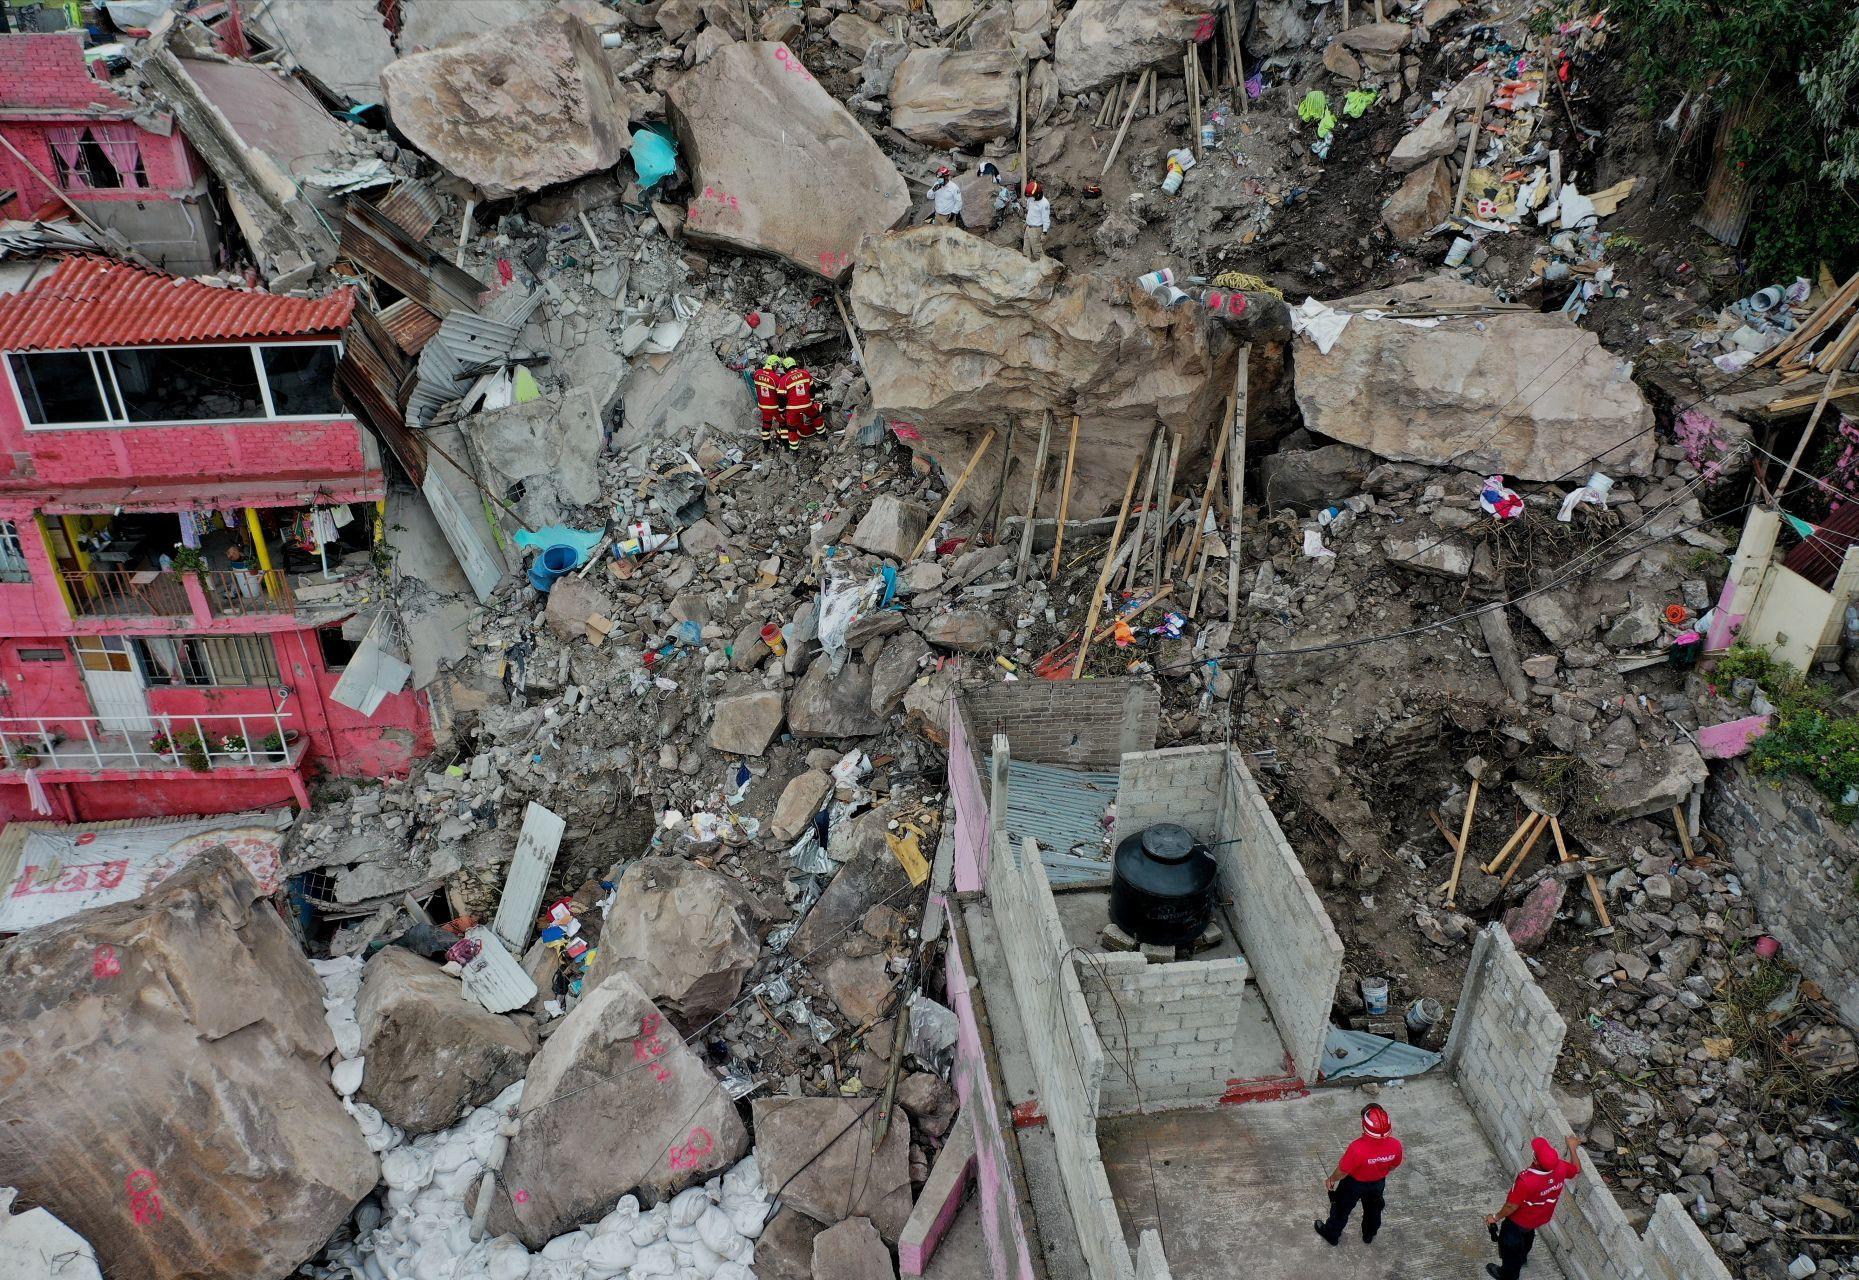 Cuarto día de rescate en la zona de derrumbe en el Cerro Chiquihuite. Elemento de protección Civil informaron esta mañana que aún se encuentran en la búsqueda de un adulto y dos menores.